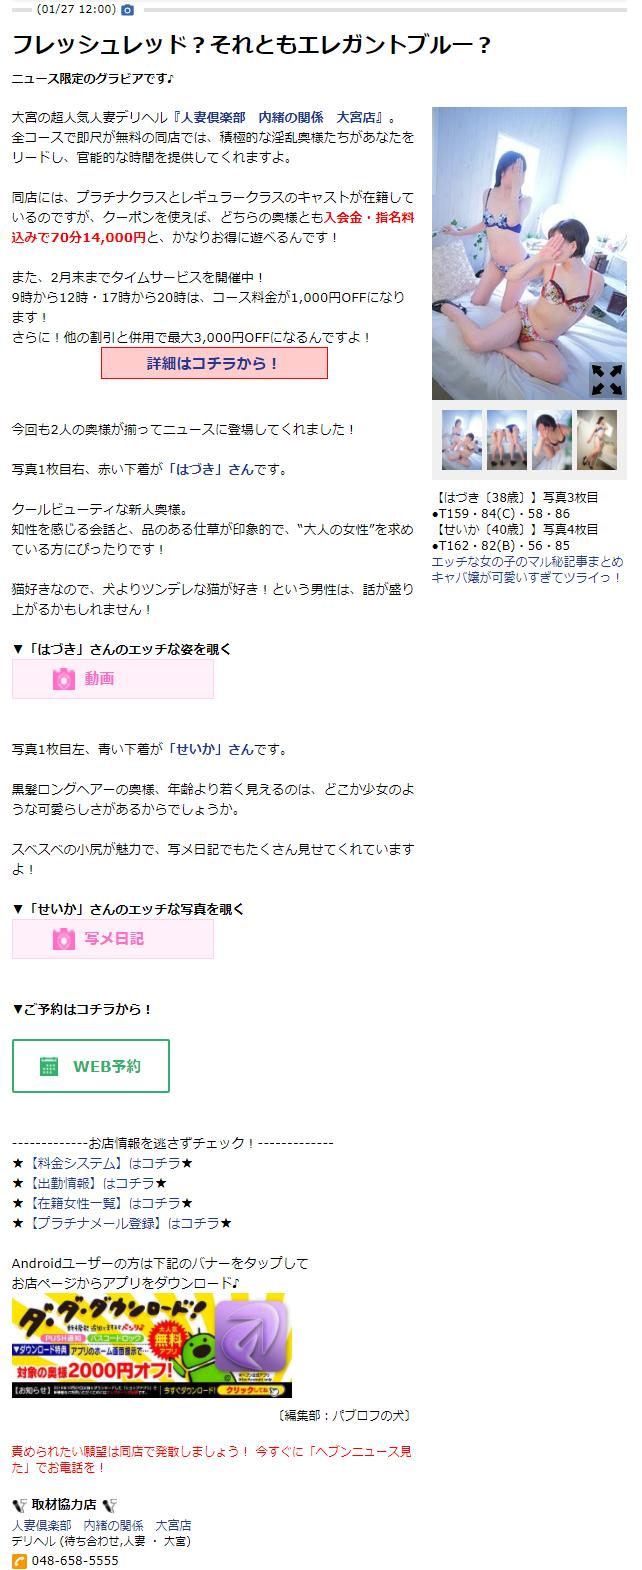 ヘブンニュース2018-01-27_内緒大宮